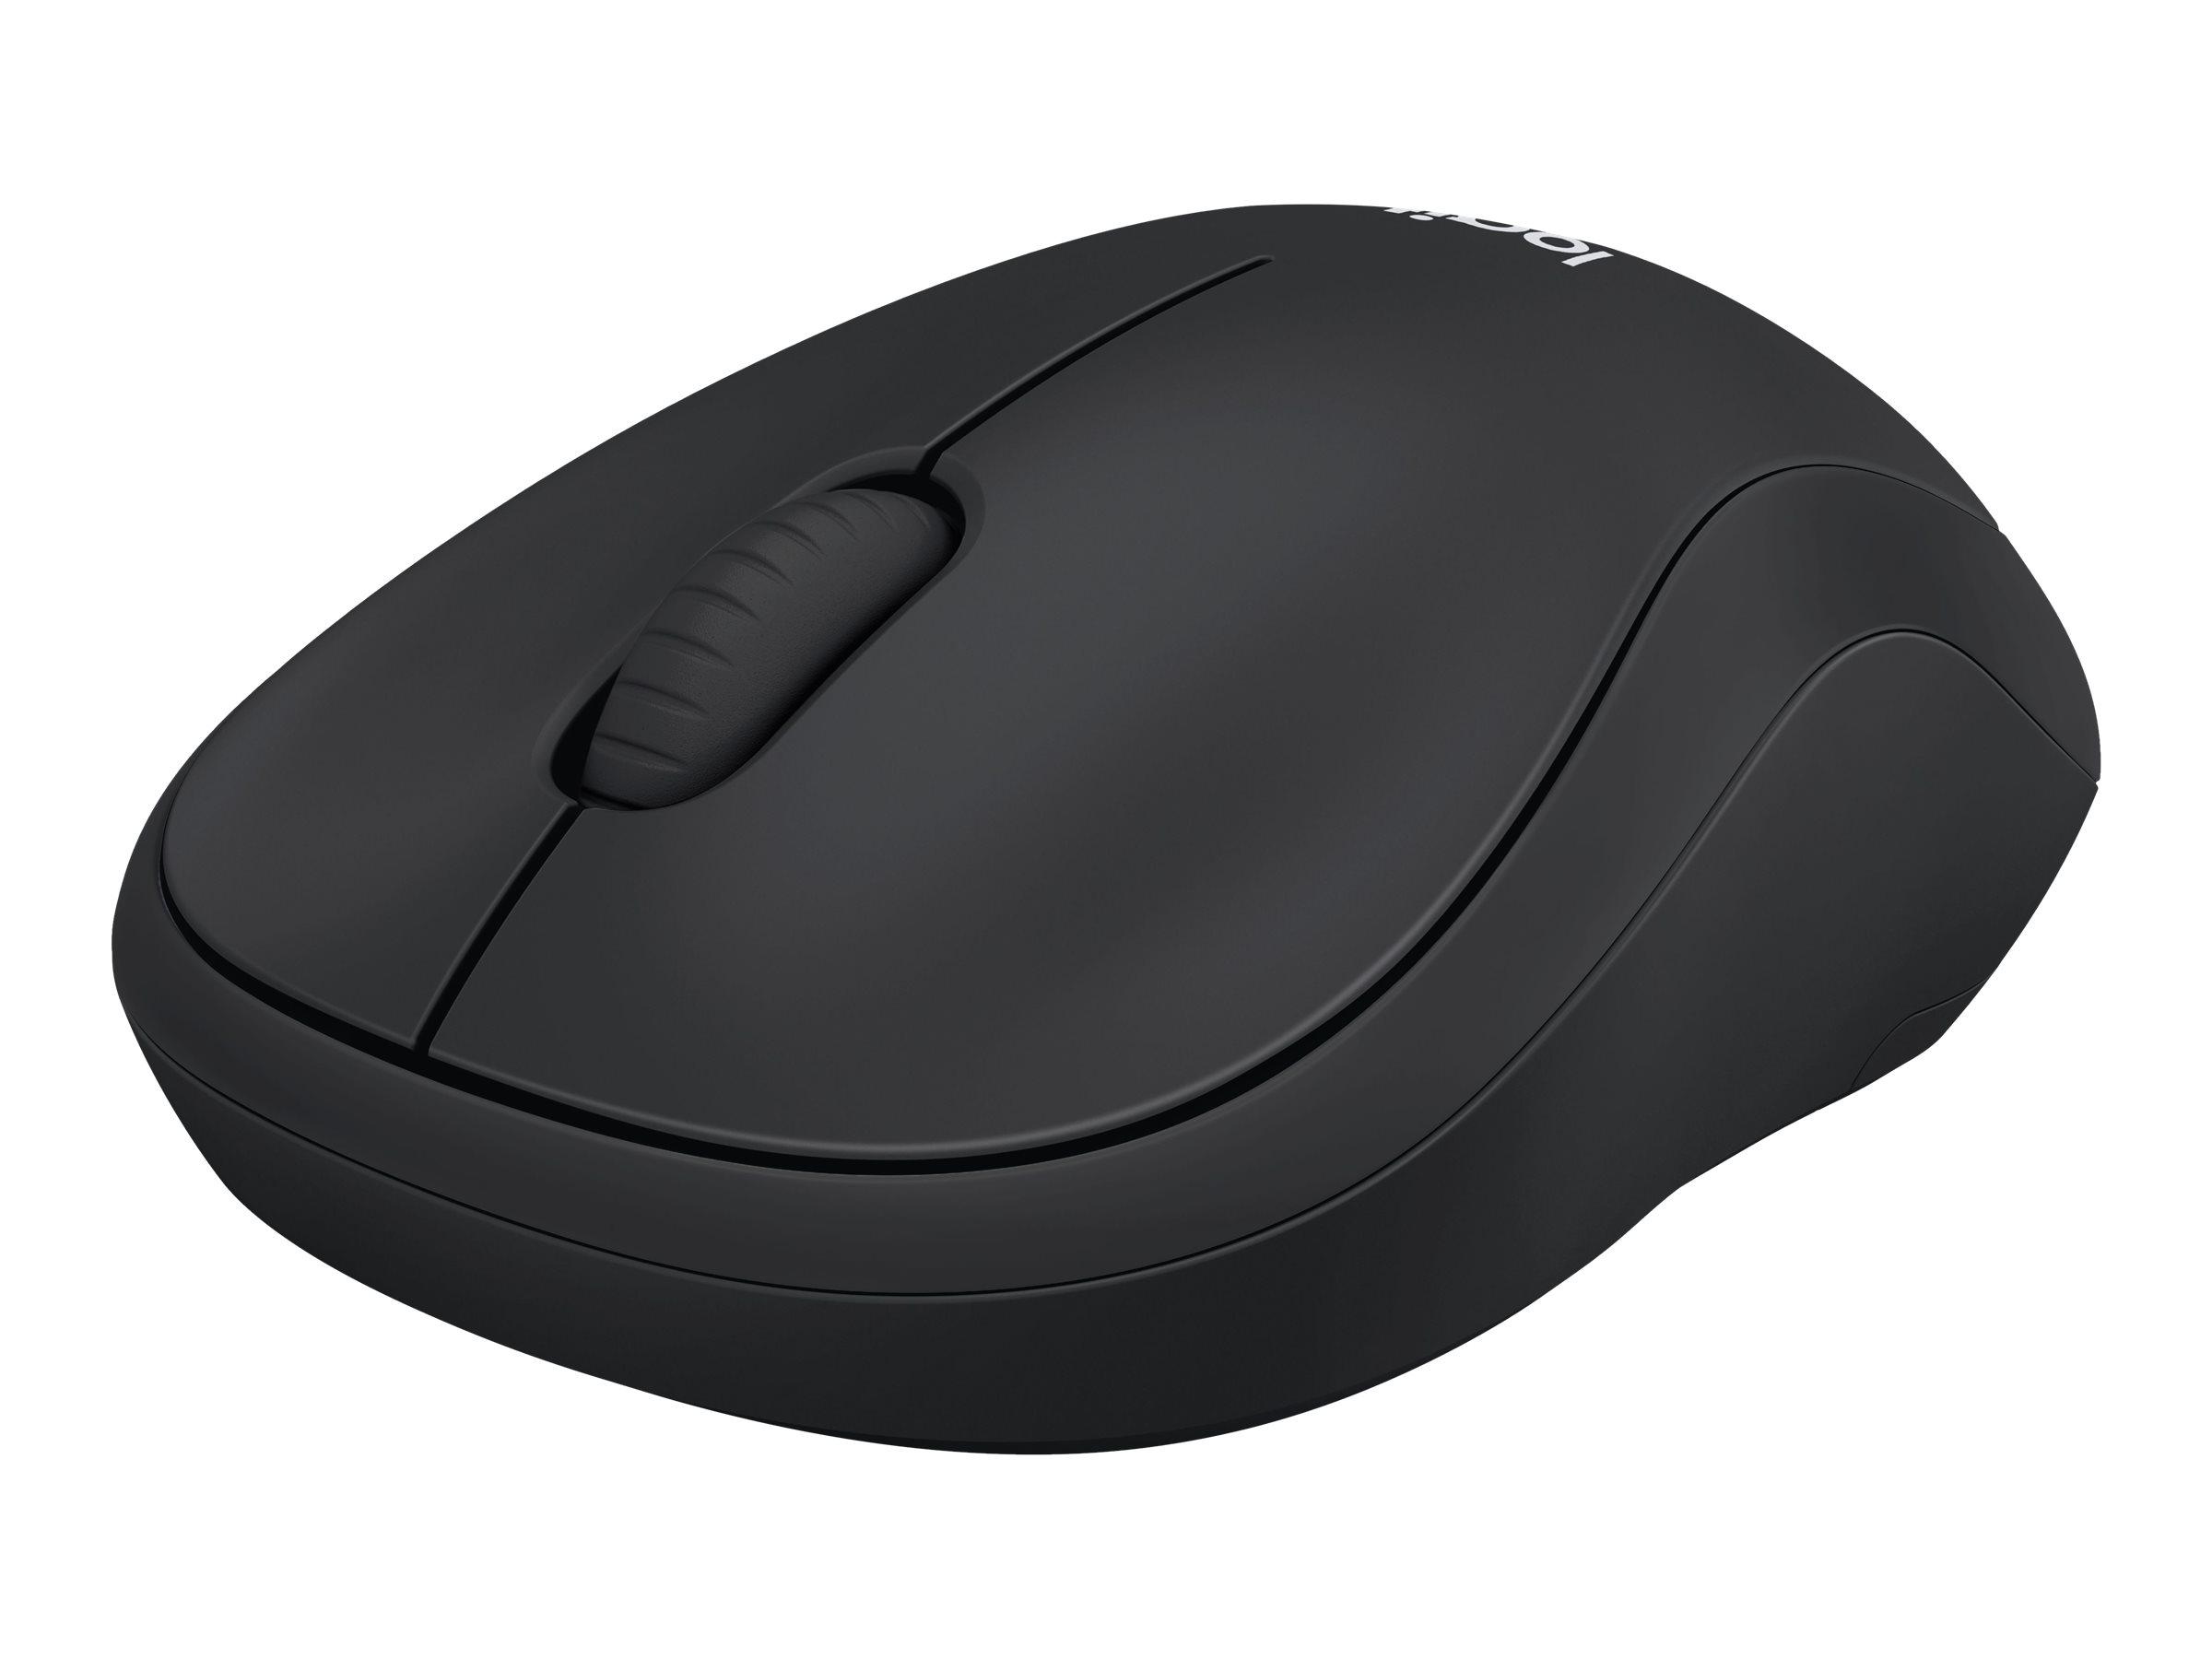 Logitech M220  - souris sans fil silencieuse - noire